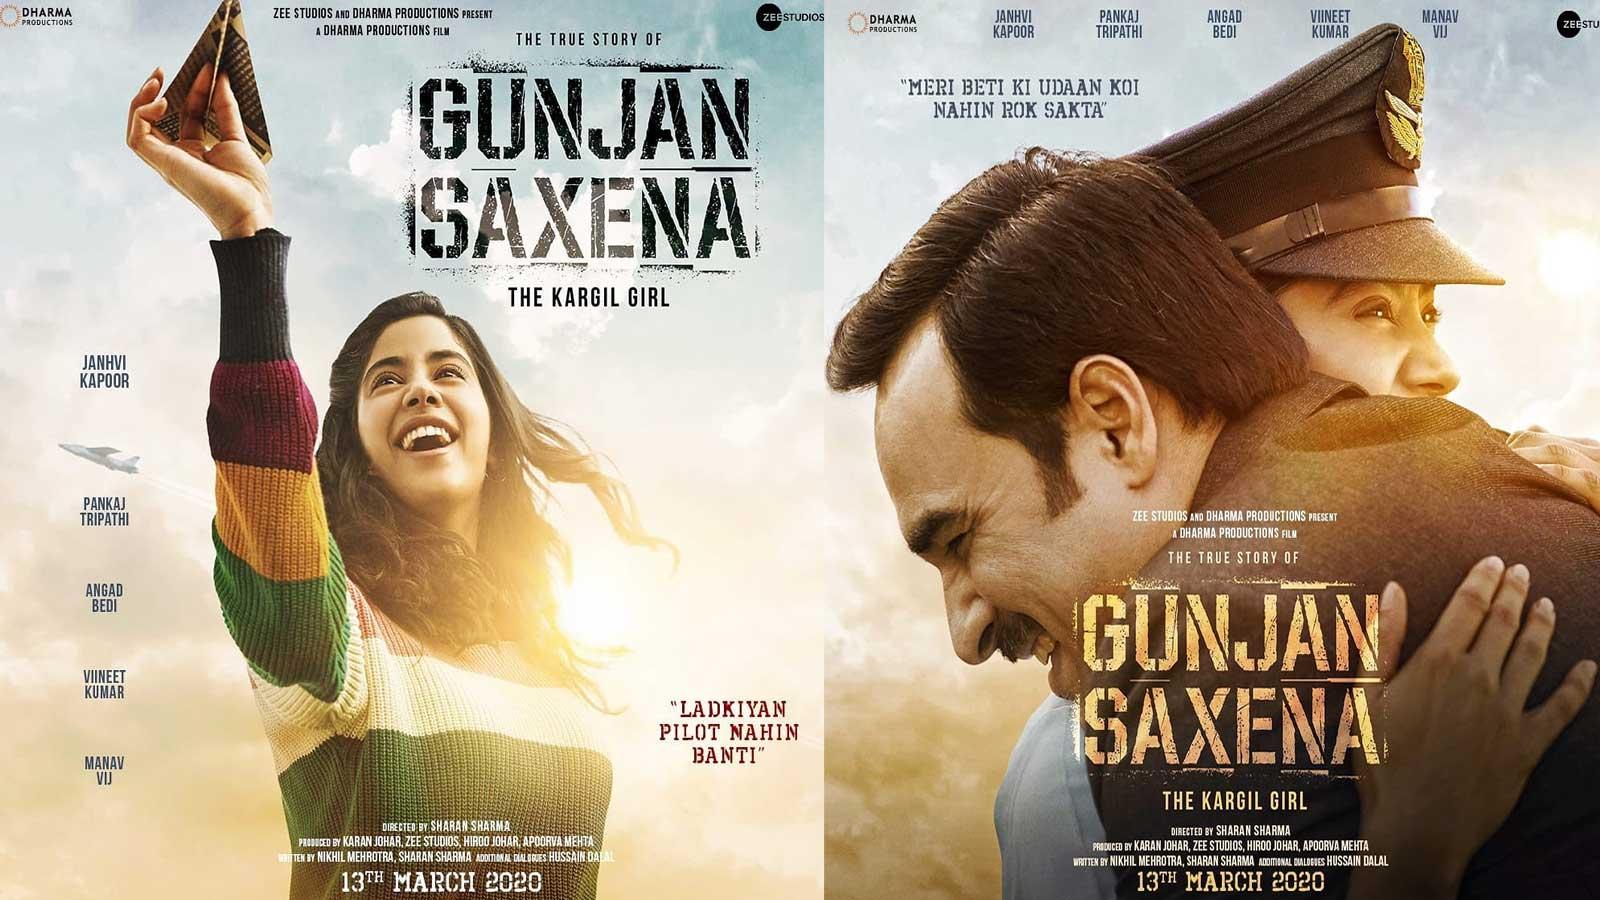 The True Story of Gunjan Saxena - The Kargil Girl